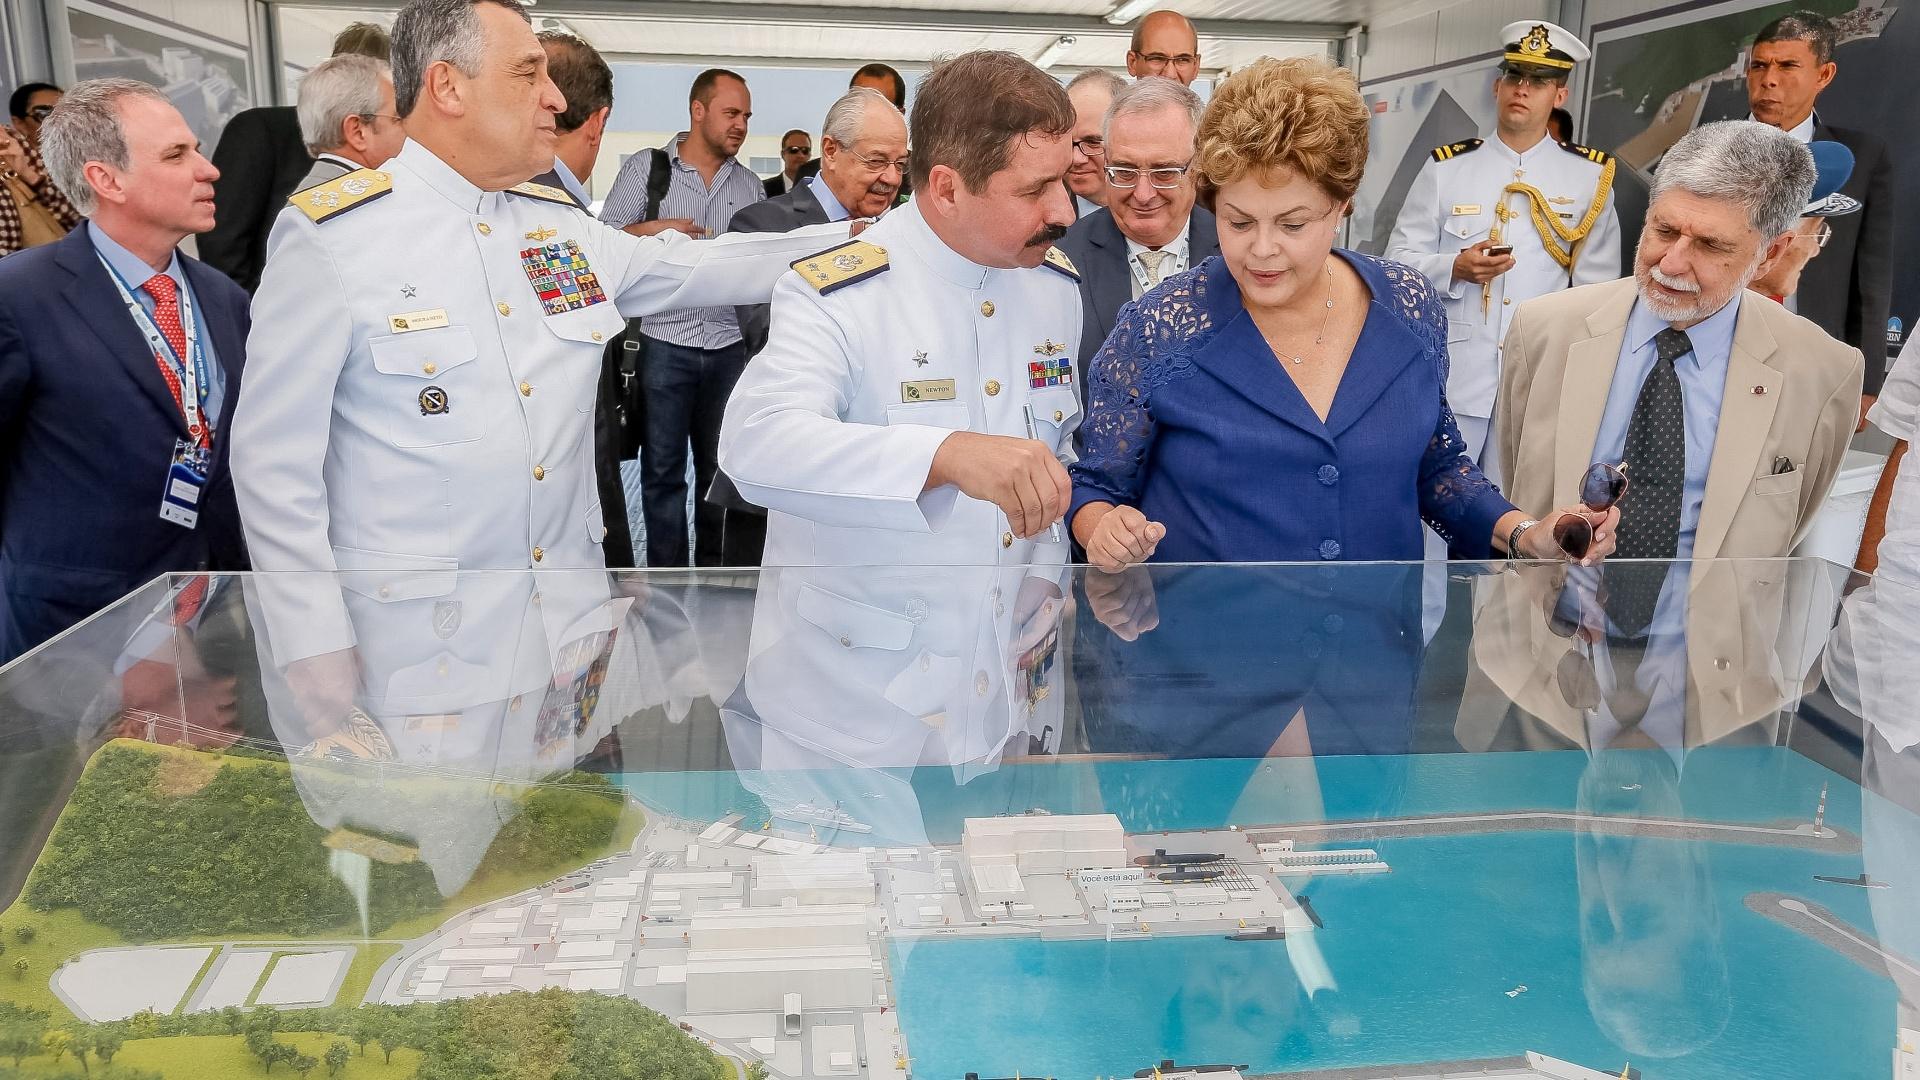 12.dez.2014 - A presidente Dilma Rousseff observa maquete, ao lado do ministro da Defesa, Celso Amorim (direita), durante a cerimônia de inauguração da primeira fase do complexo de Estaleiro e Base Naval, em Itaguaí (RJ), nesta sexta-feira (12). O estaleiro abrigará recursos técnicos e industriais que permitirão o término da fabricação de cinco submarinos (quatro convencionais e um com propulsão nuclear). Dilma defendeu o fortalecimento das Forças Armadas brasileiras.